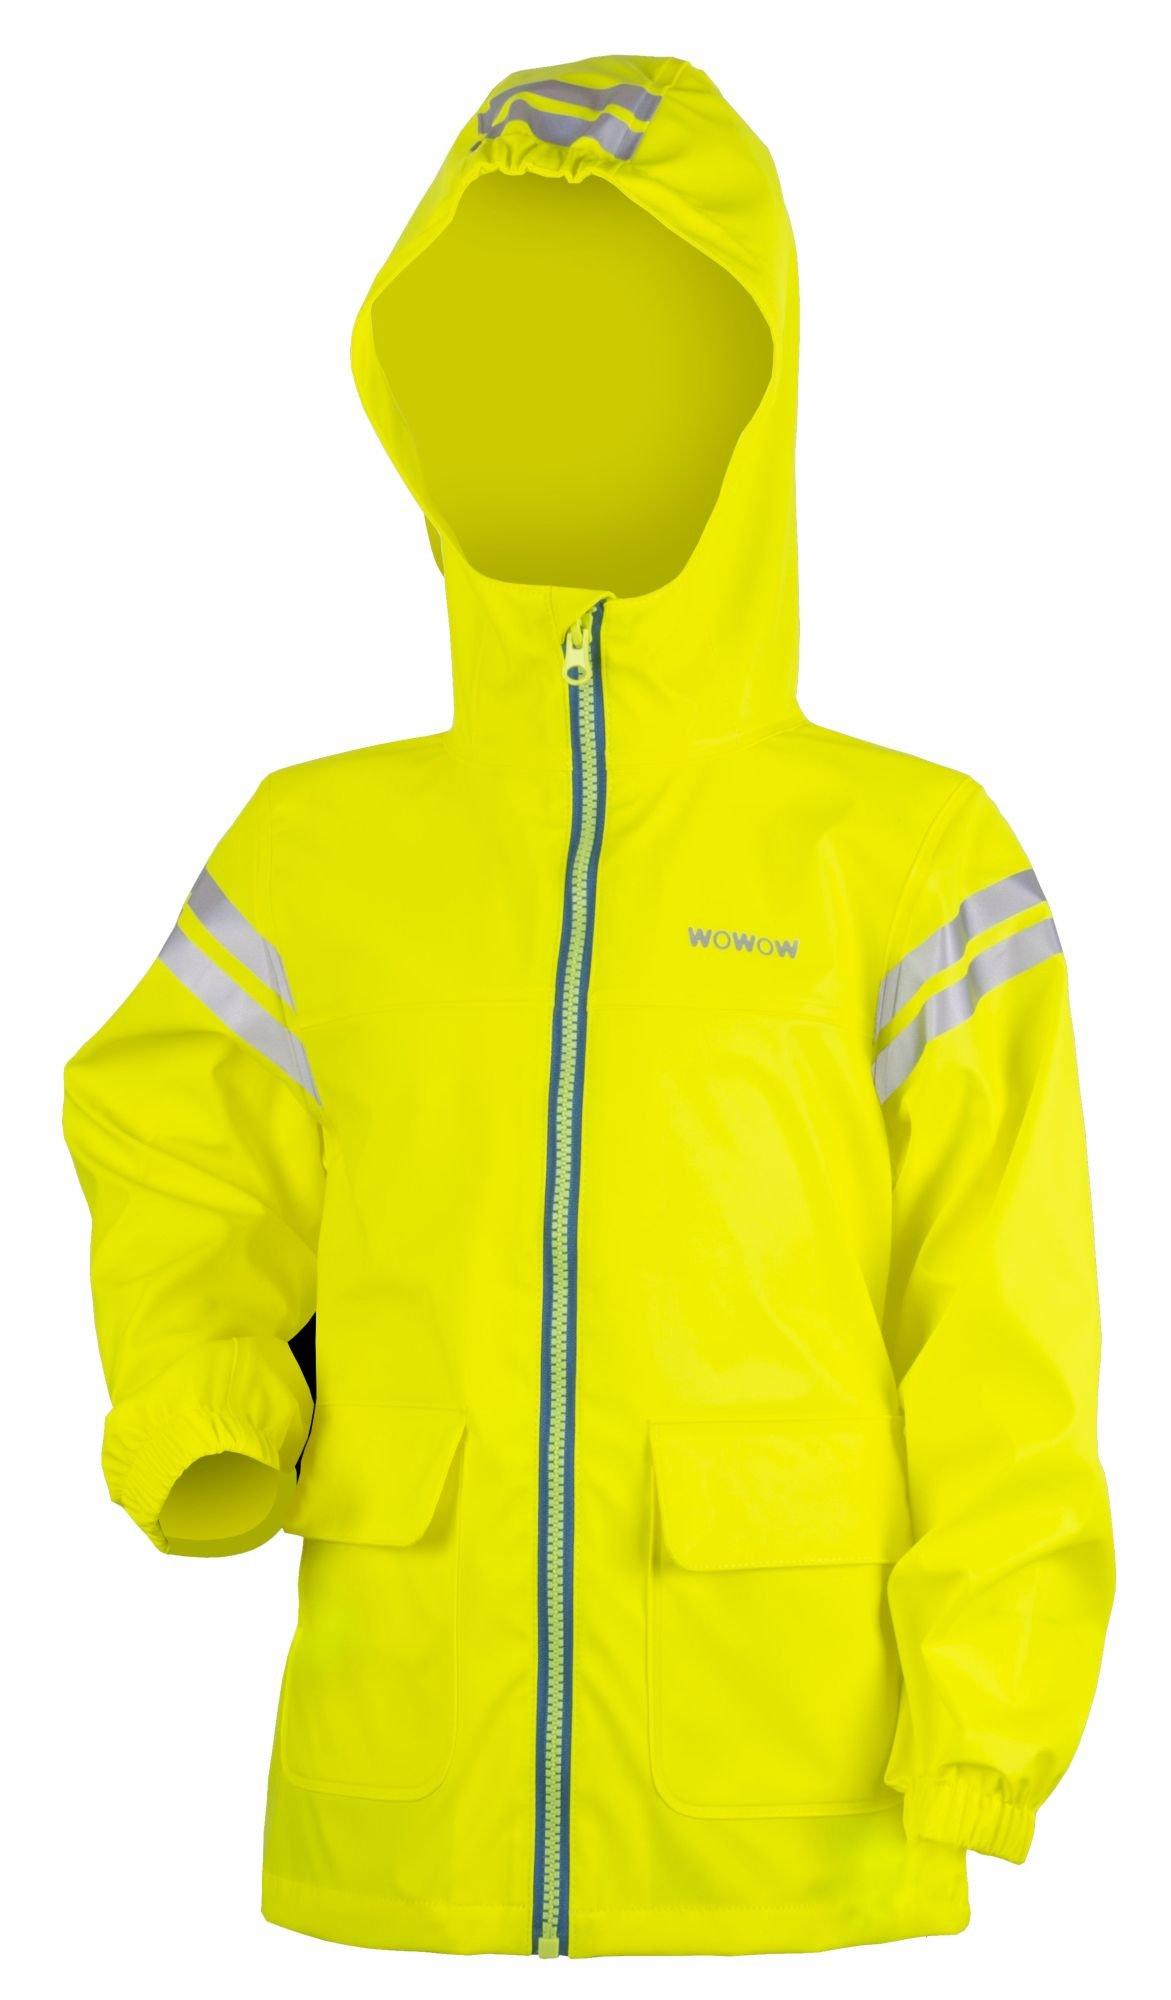 regenjacken/Jacken: WoWoW  Regenjacke Kinder Cozy Rain Jacket